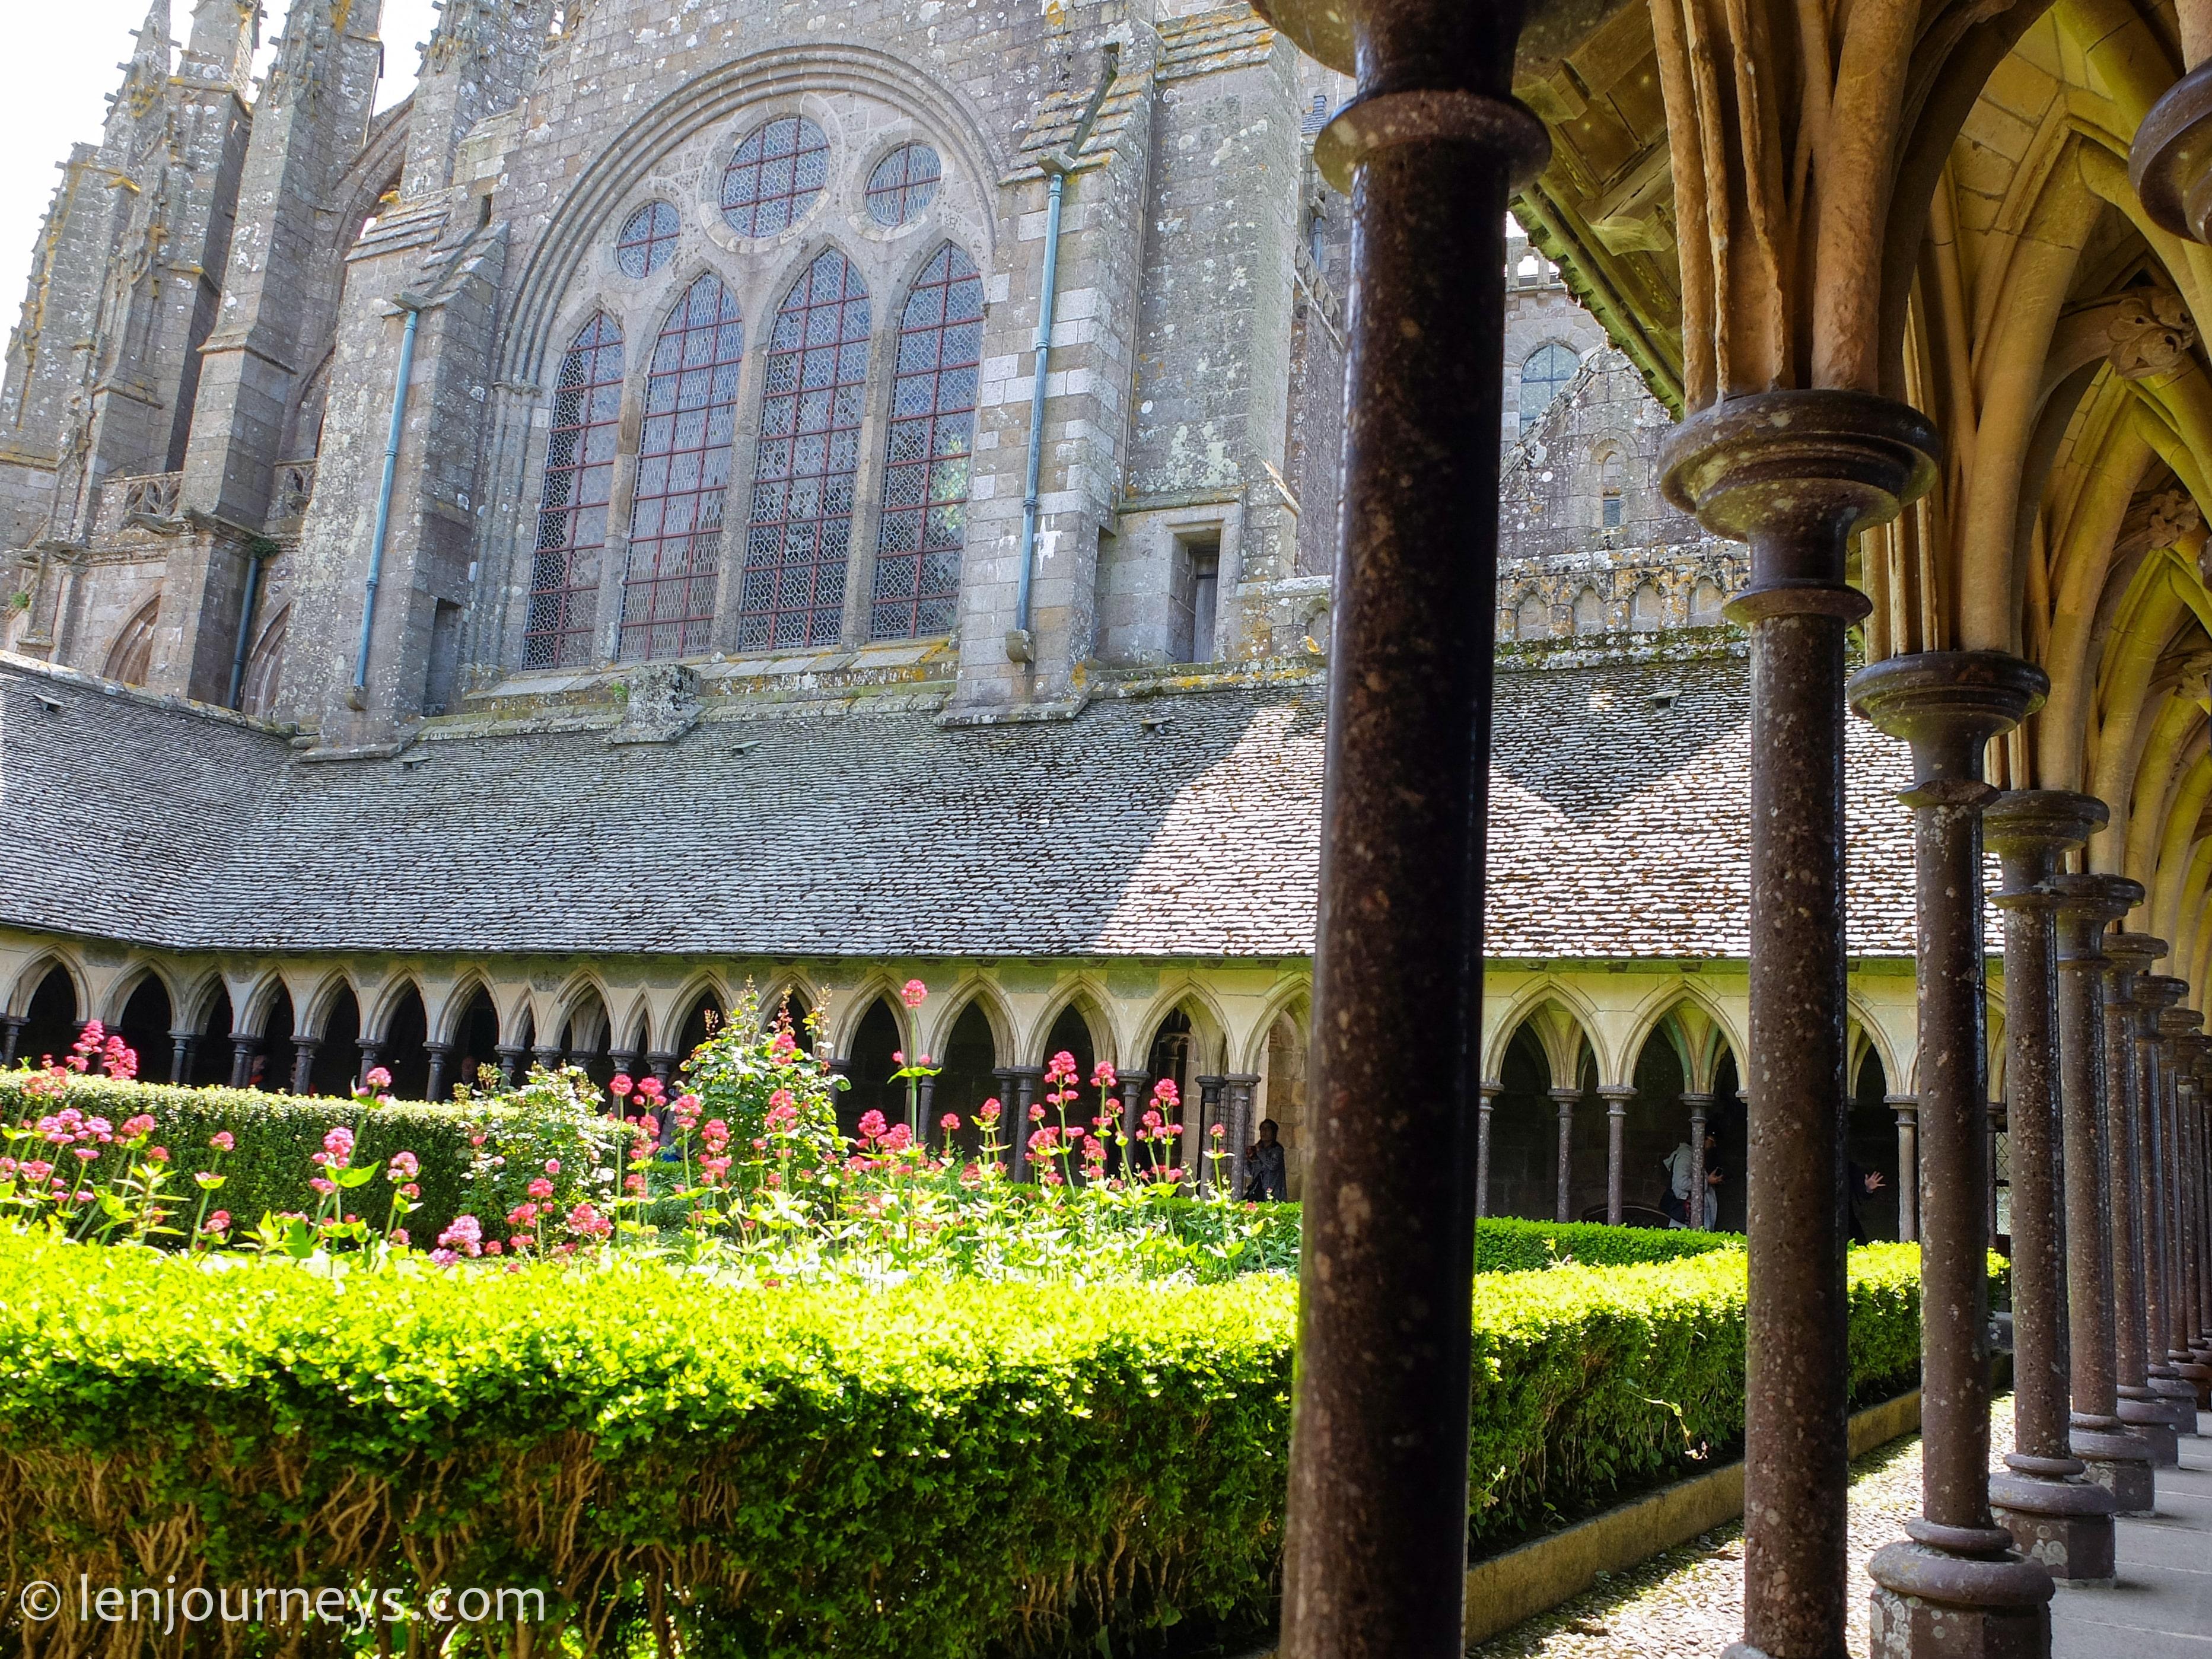 Garden inside the Abbey